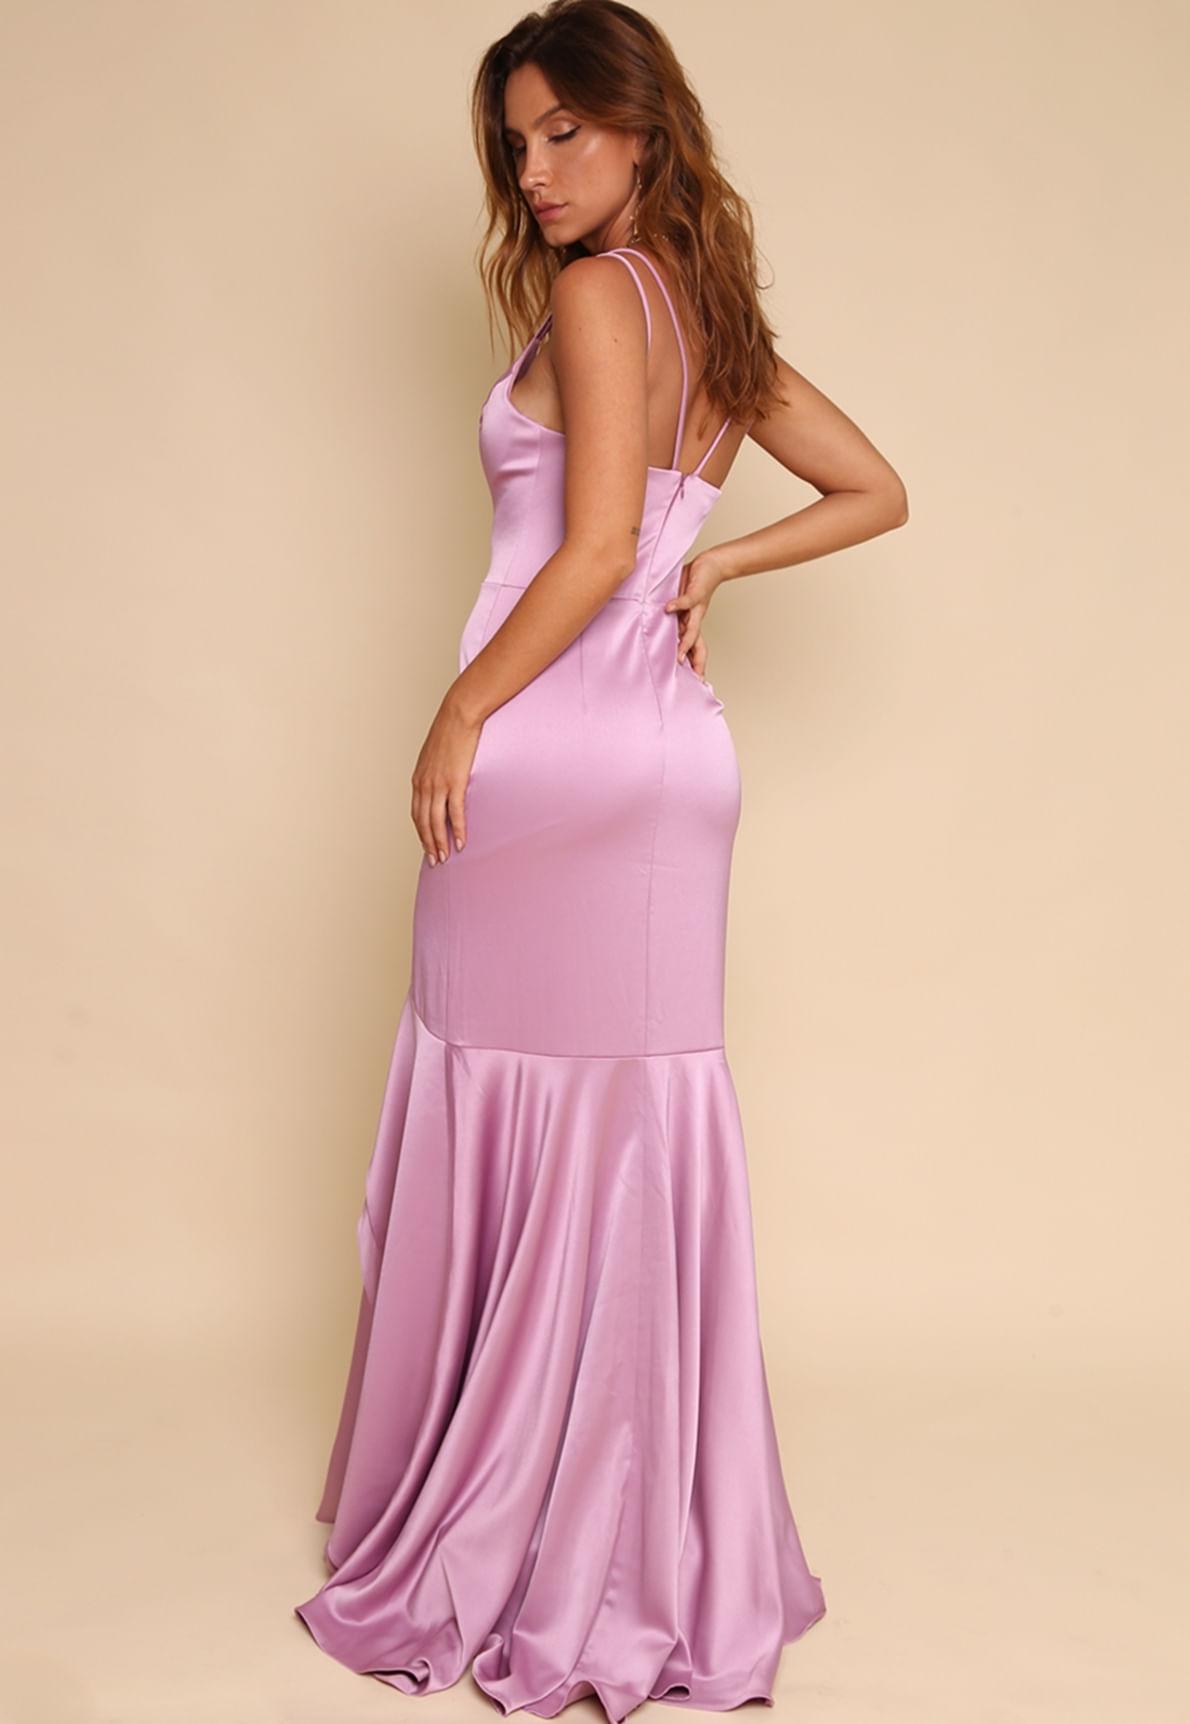 23233-vestido-longo-lilas-katy-03